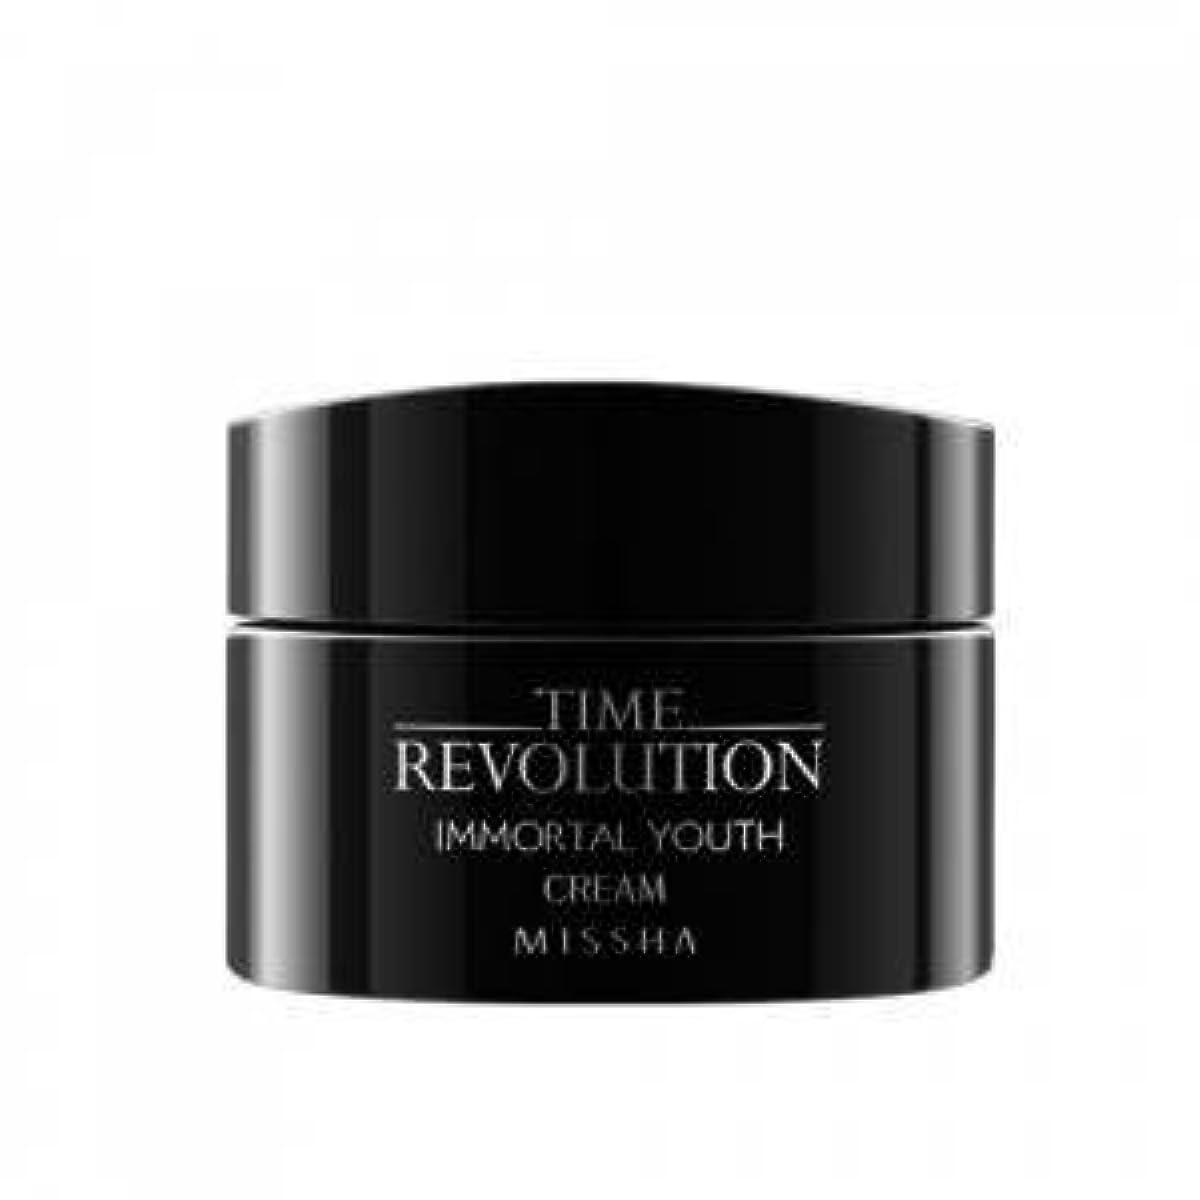 損失オーバーフローパワーセル【MISSHA (ミシャ)】 Time Revolution Immortal Youth Cream タイムレボリューション イモータルユース クリーム